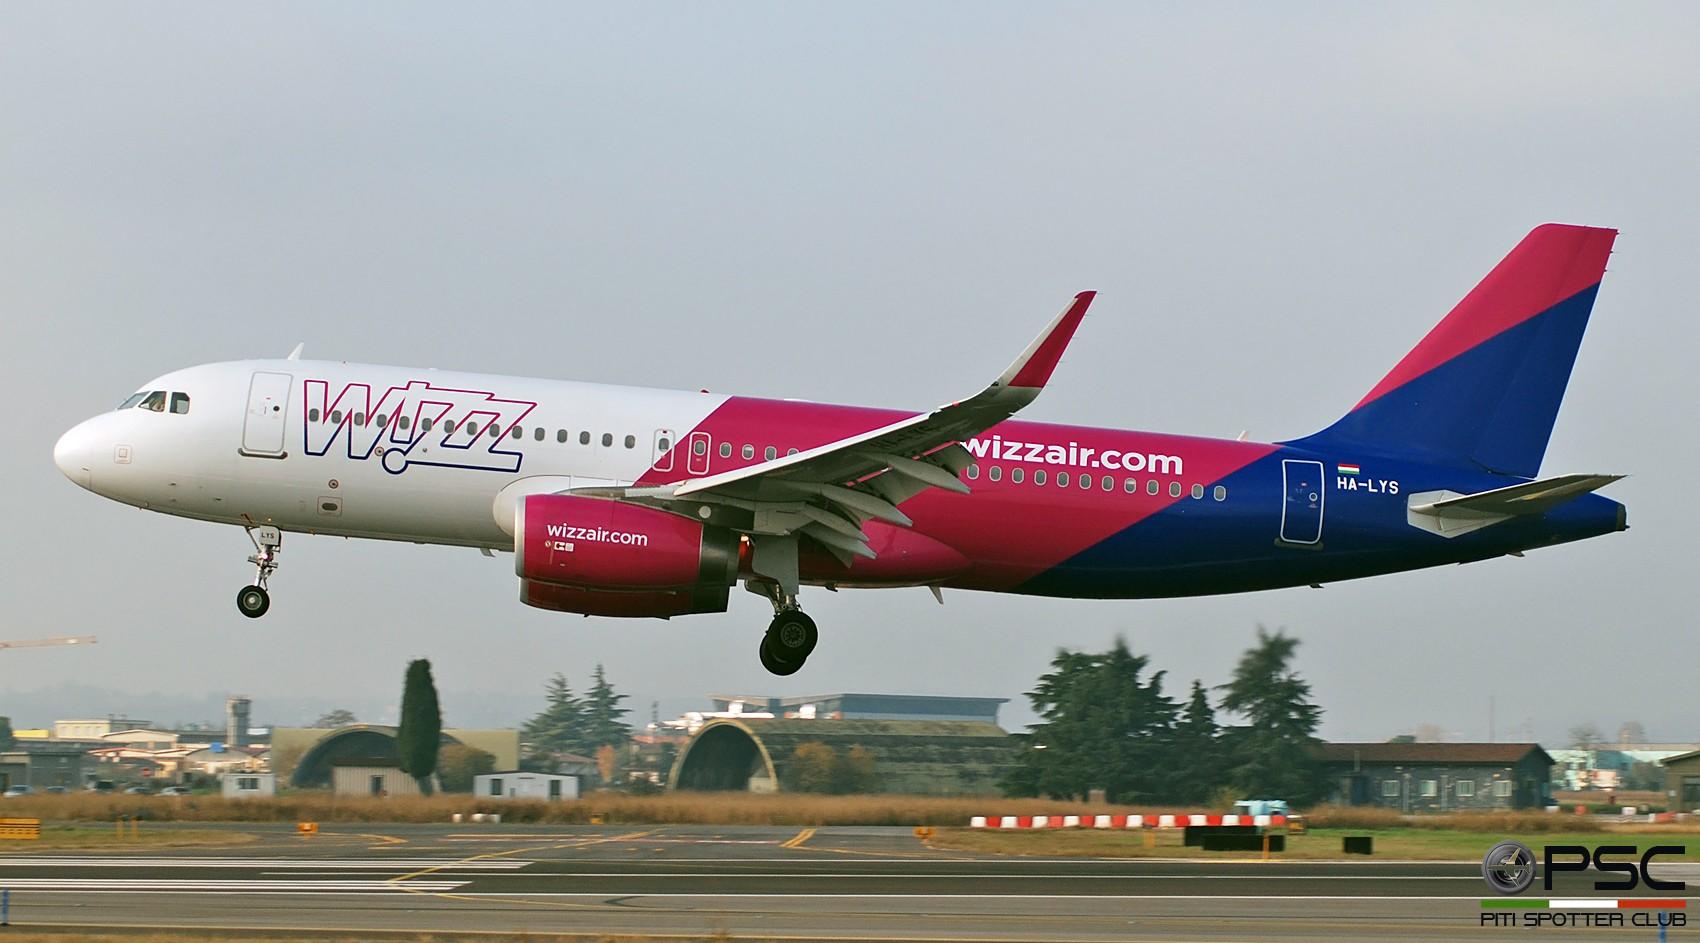 Wizz apre la Verona - Palermo, Ryanair risponde con nuove frequenze